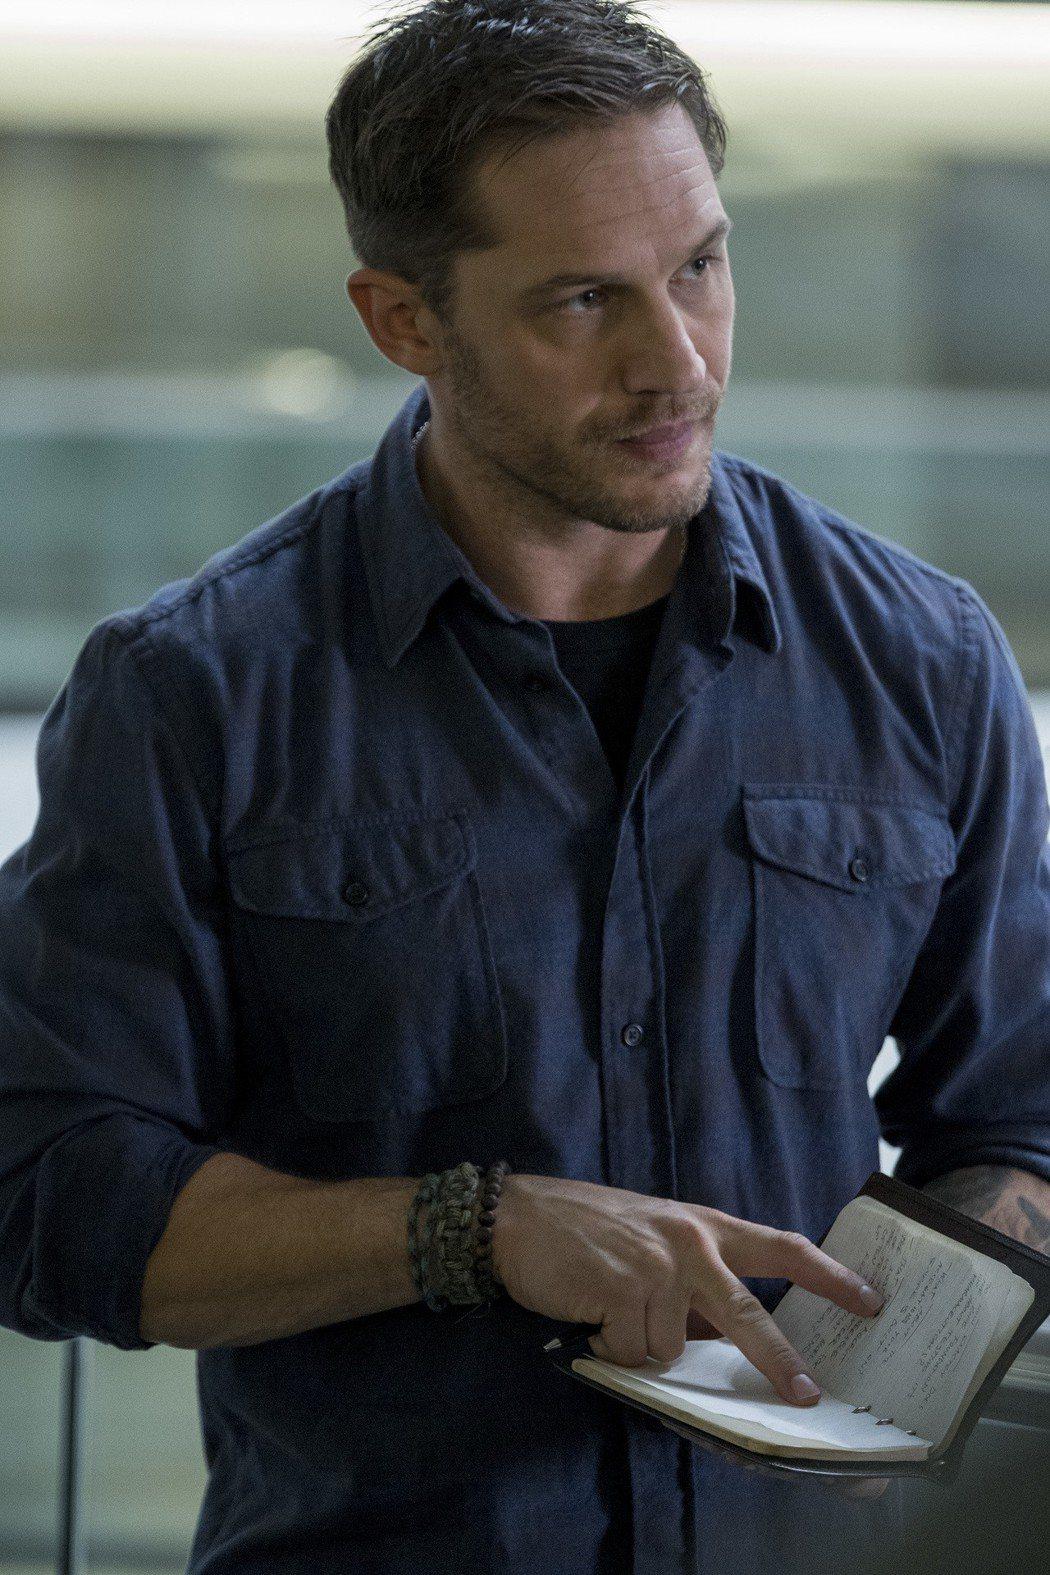 當紅猛男湯姆哈迪在新片扮演「蜘蛛人」最強宿敵「猛毒」。圖/索尼提供